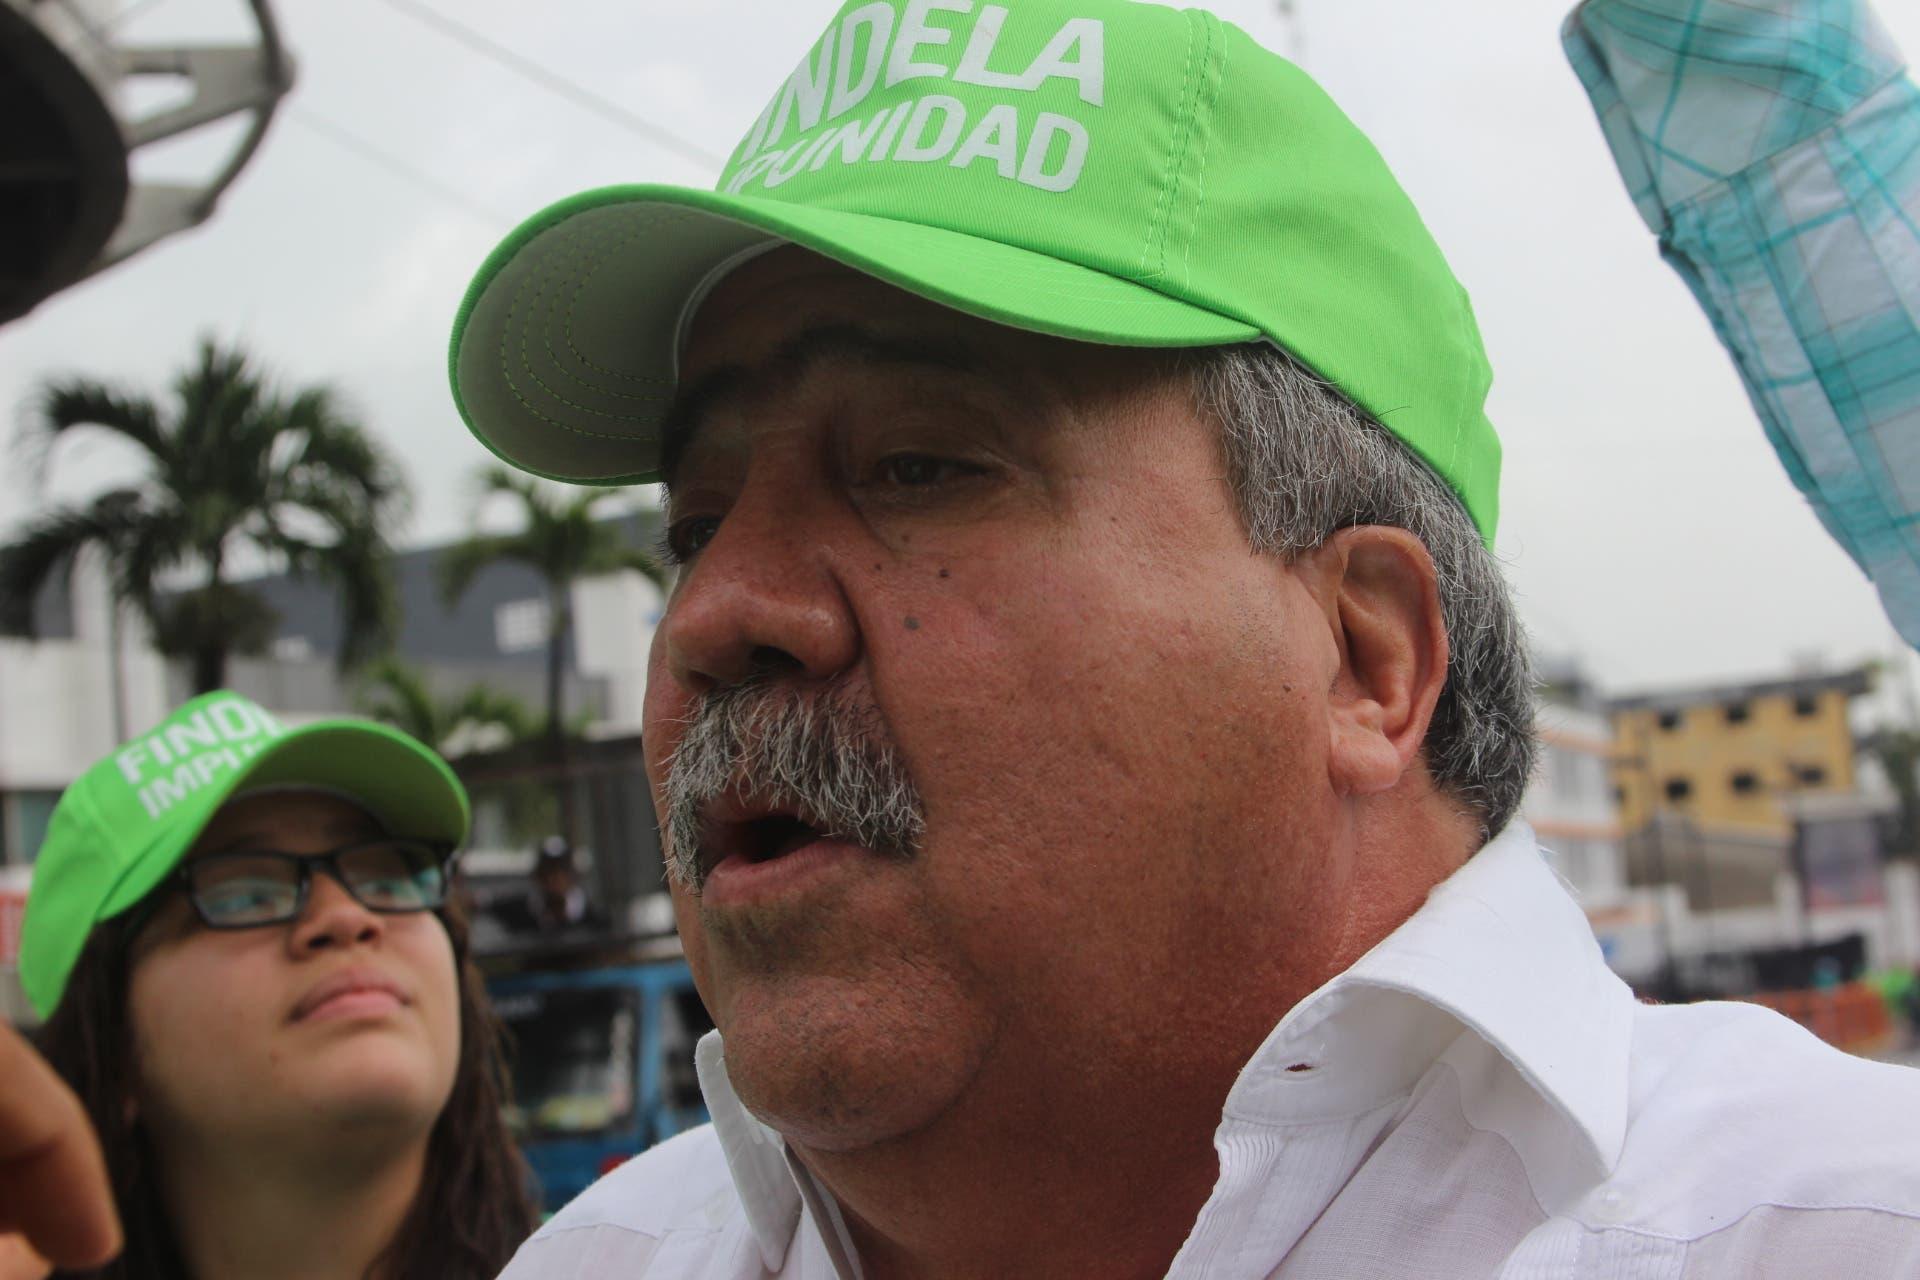 Tonty Rutinel pide a Miguel Vargas unirse a combatir la corrupción junto a Marcha Verde